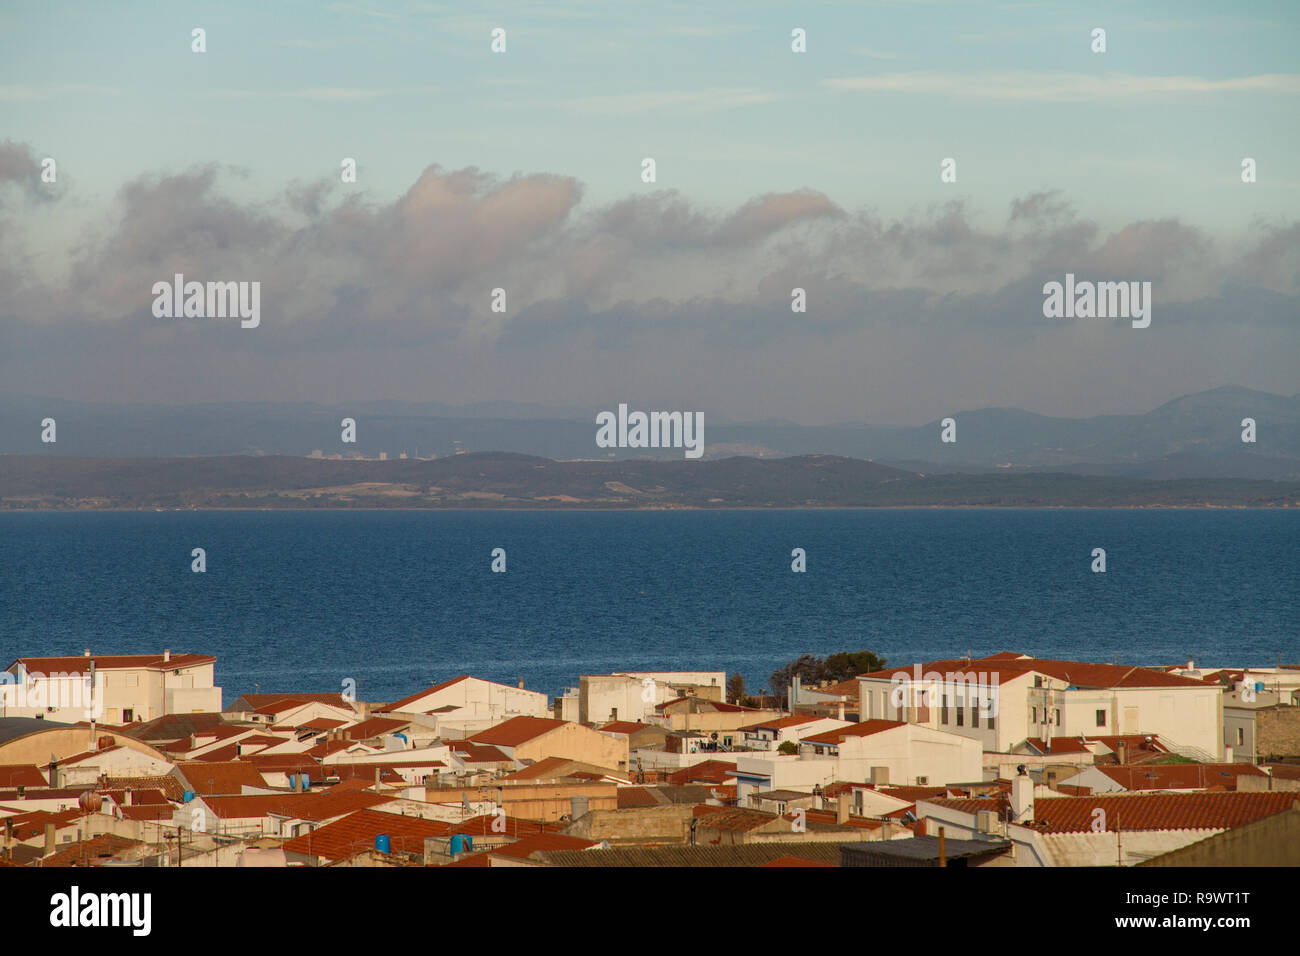 Vue sur les toits d'un pays en Sardaigne avec un ciel en couches qui génère un effet visuel agréable Photo Stock